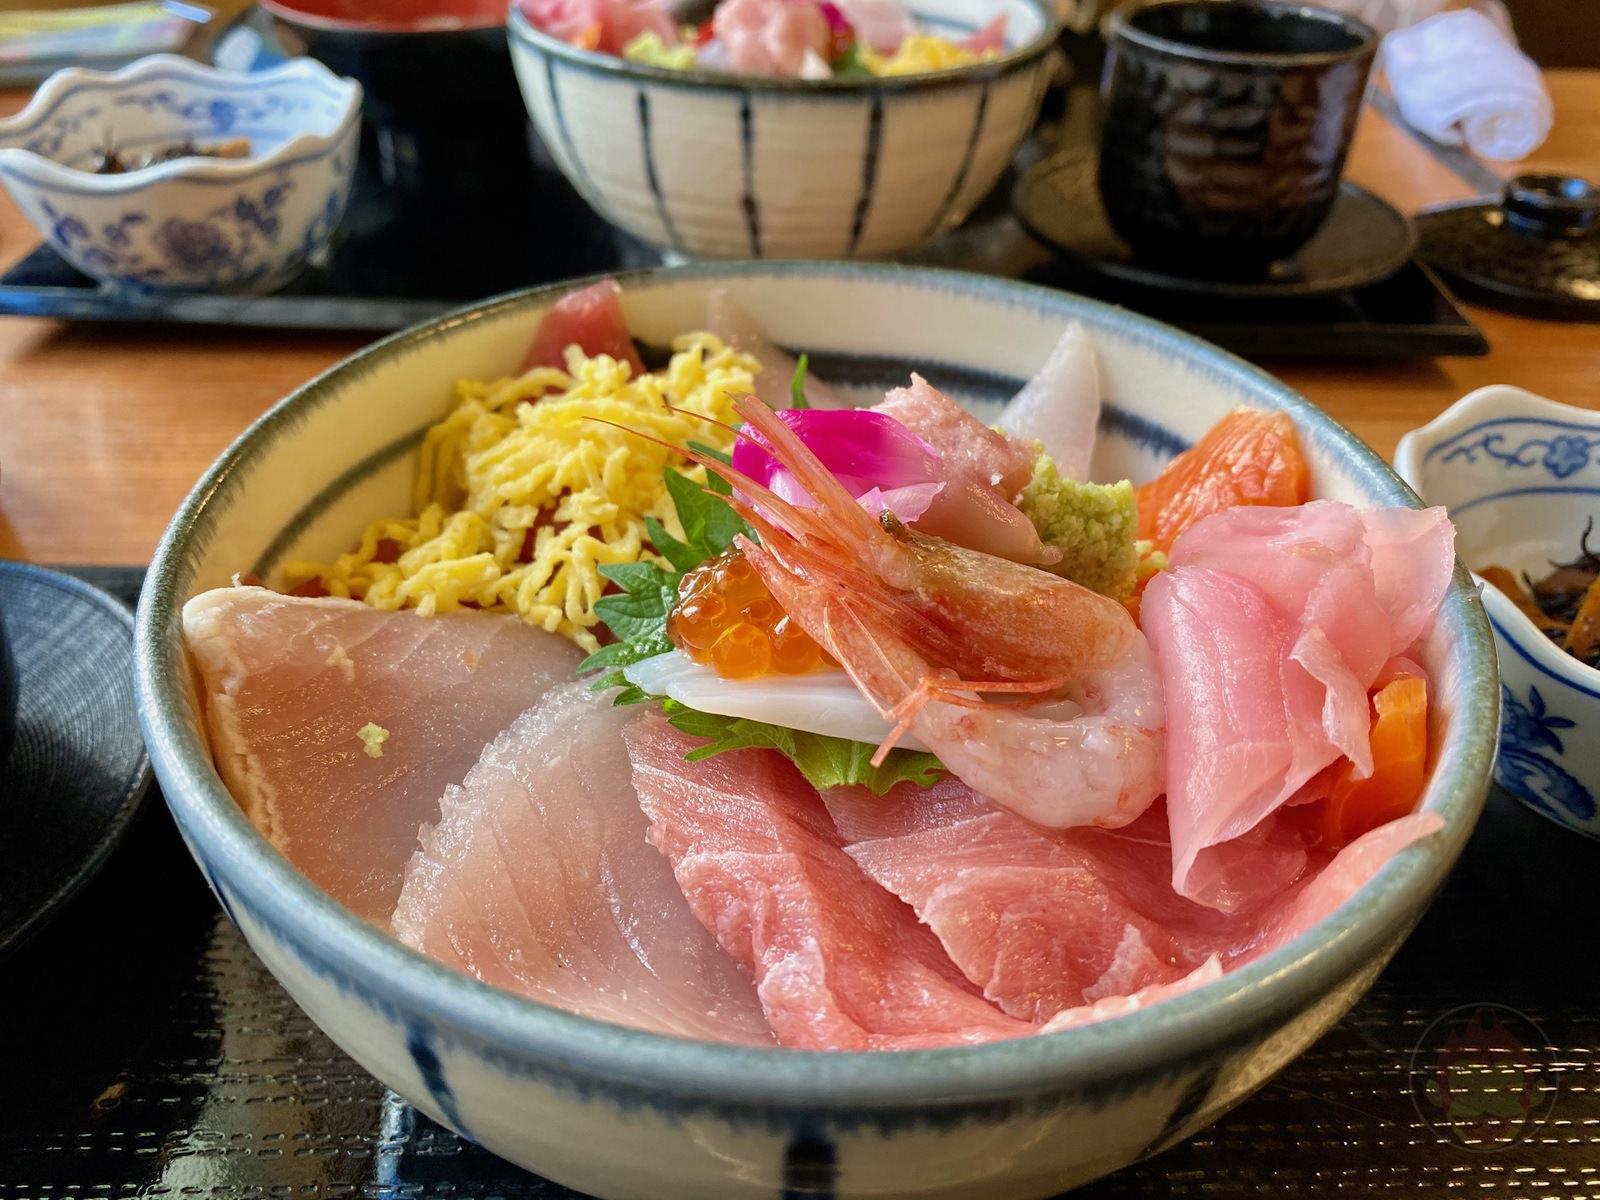 Atami-Fukuro-Lunch-11.jpeg